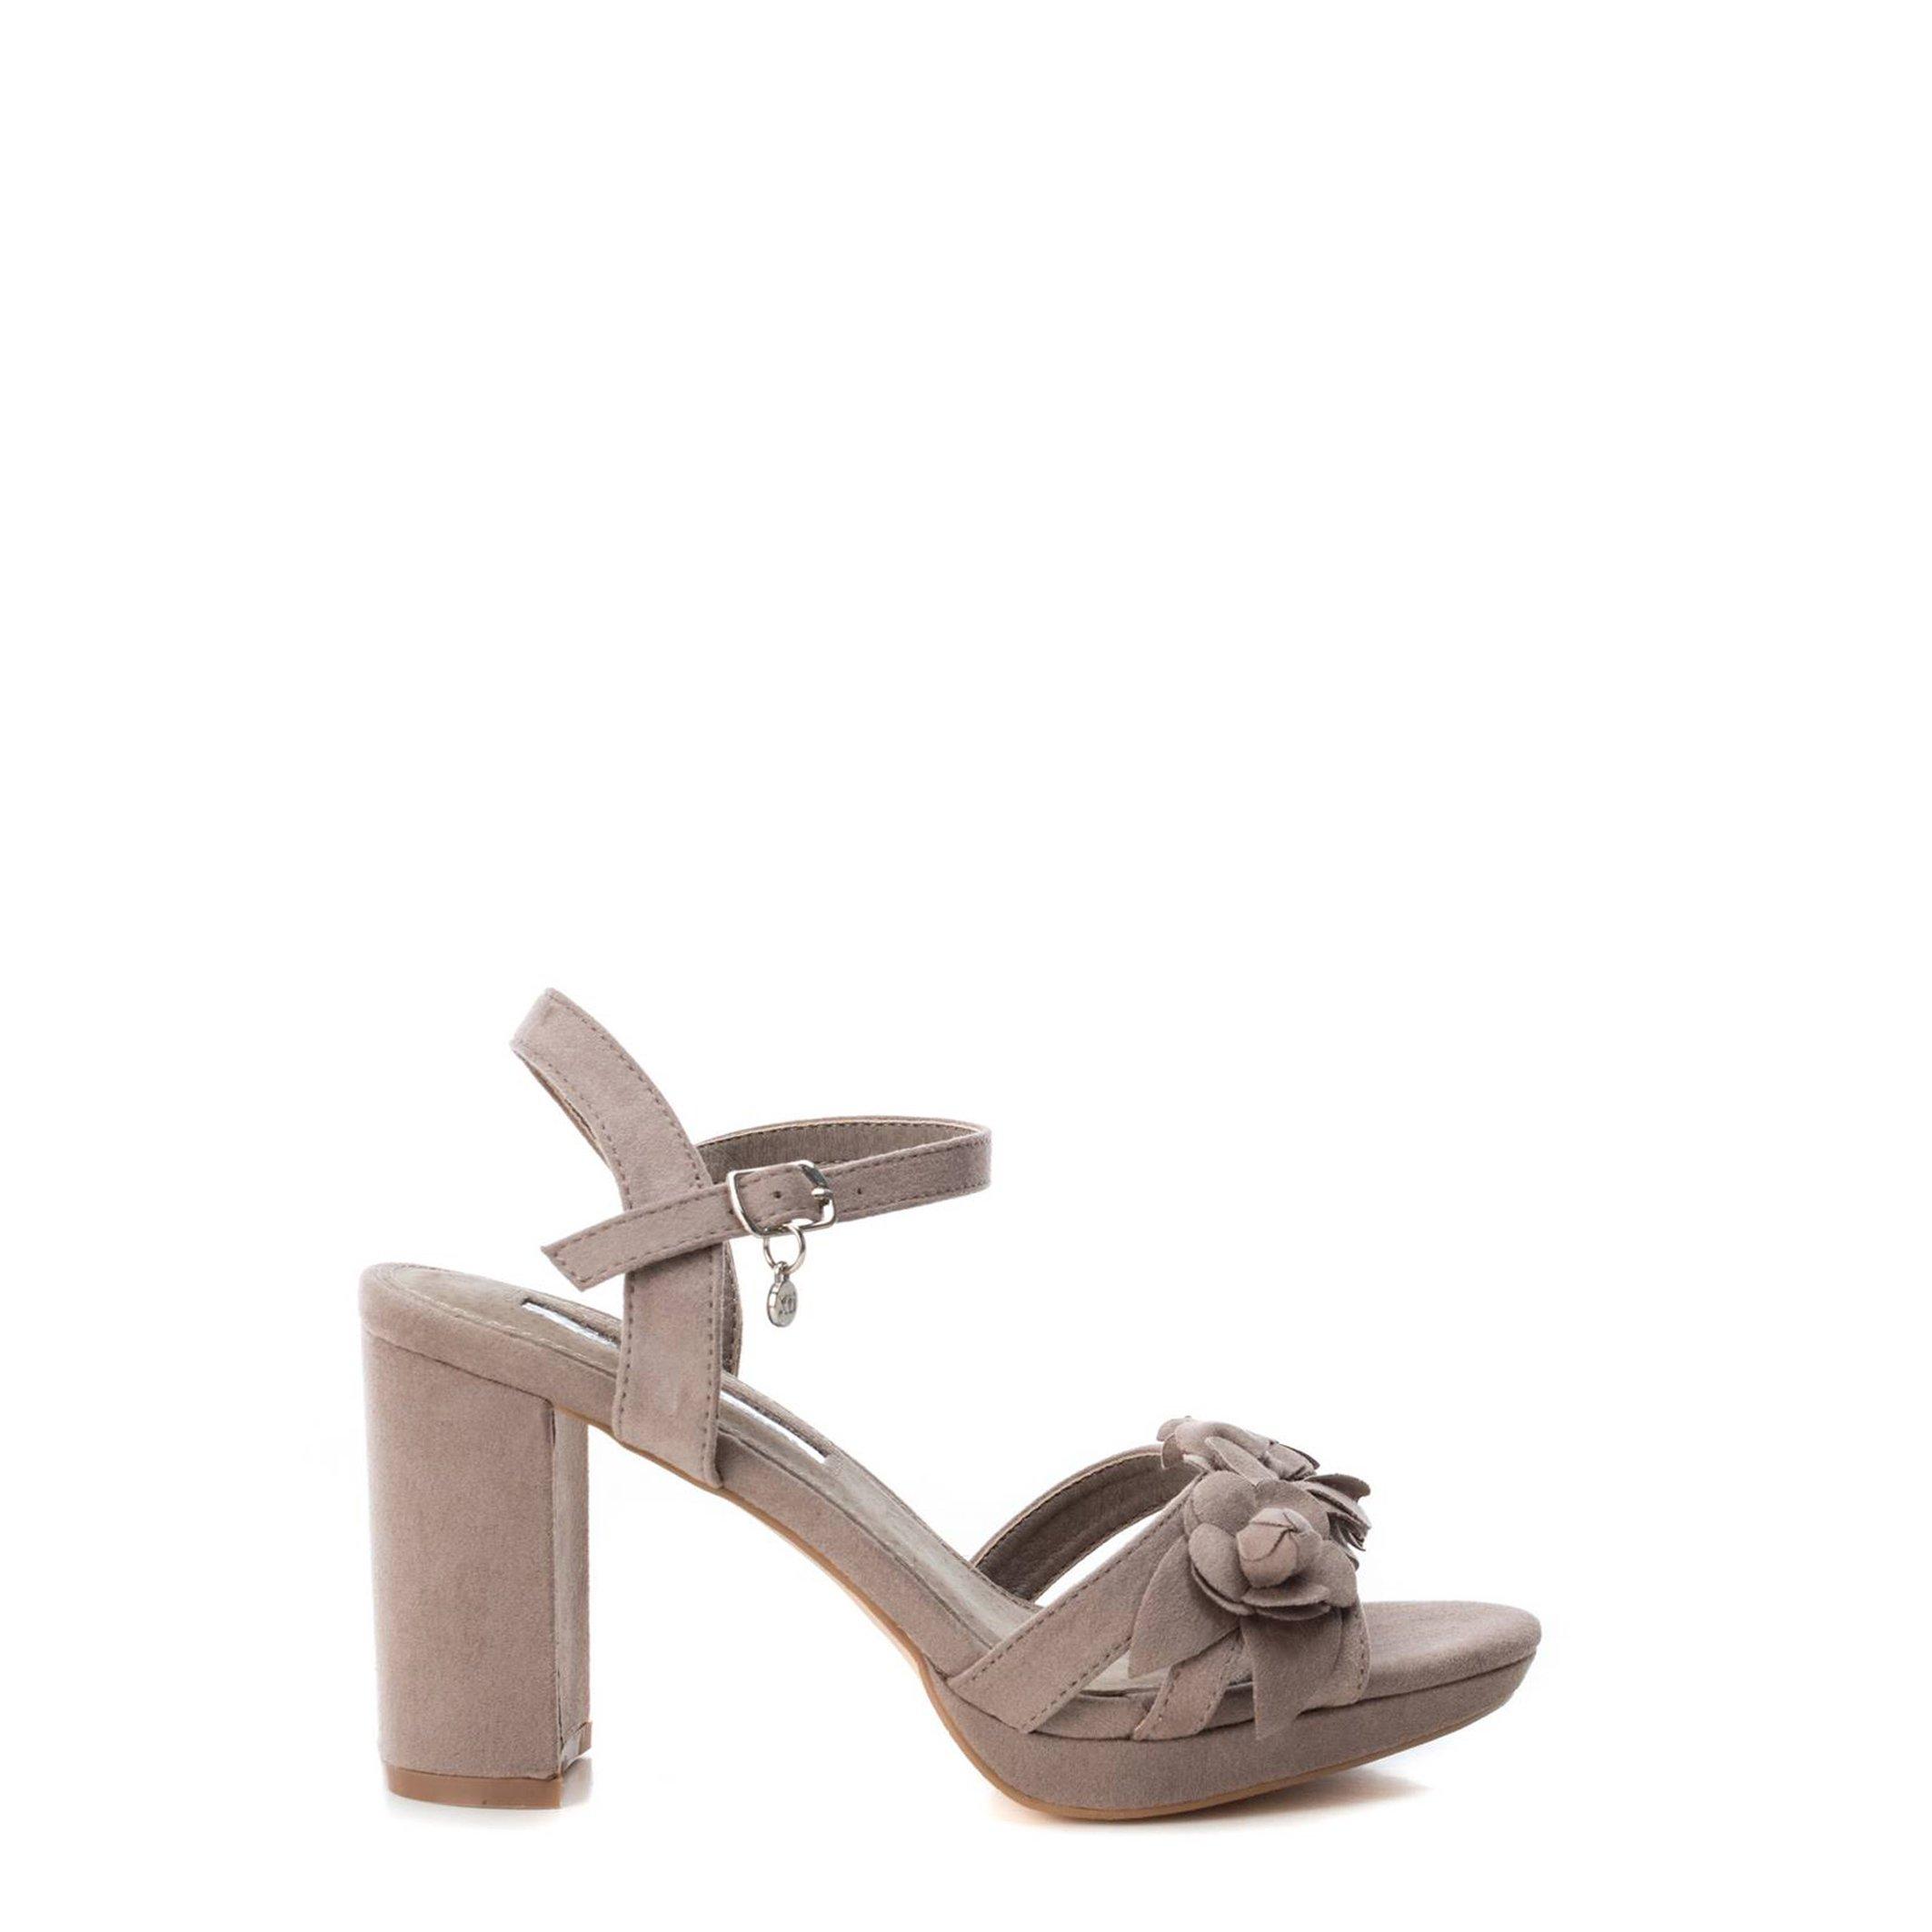 Xti Women's Sandals Various Colors 35044 - brown 39 EU